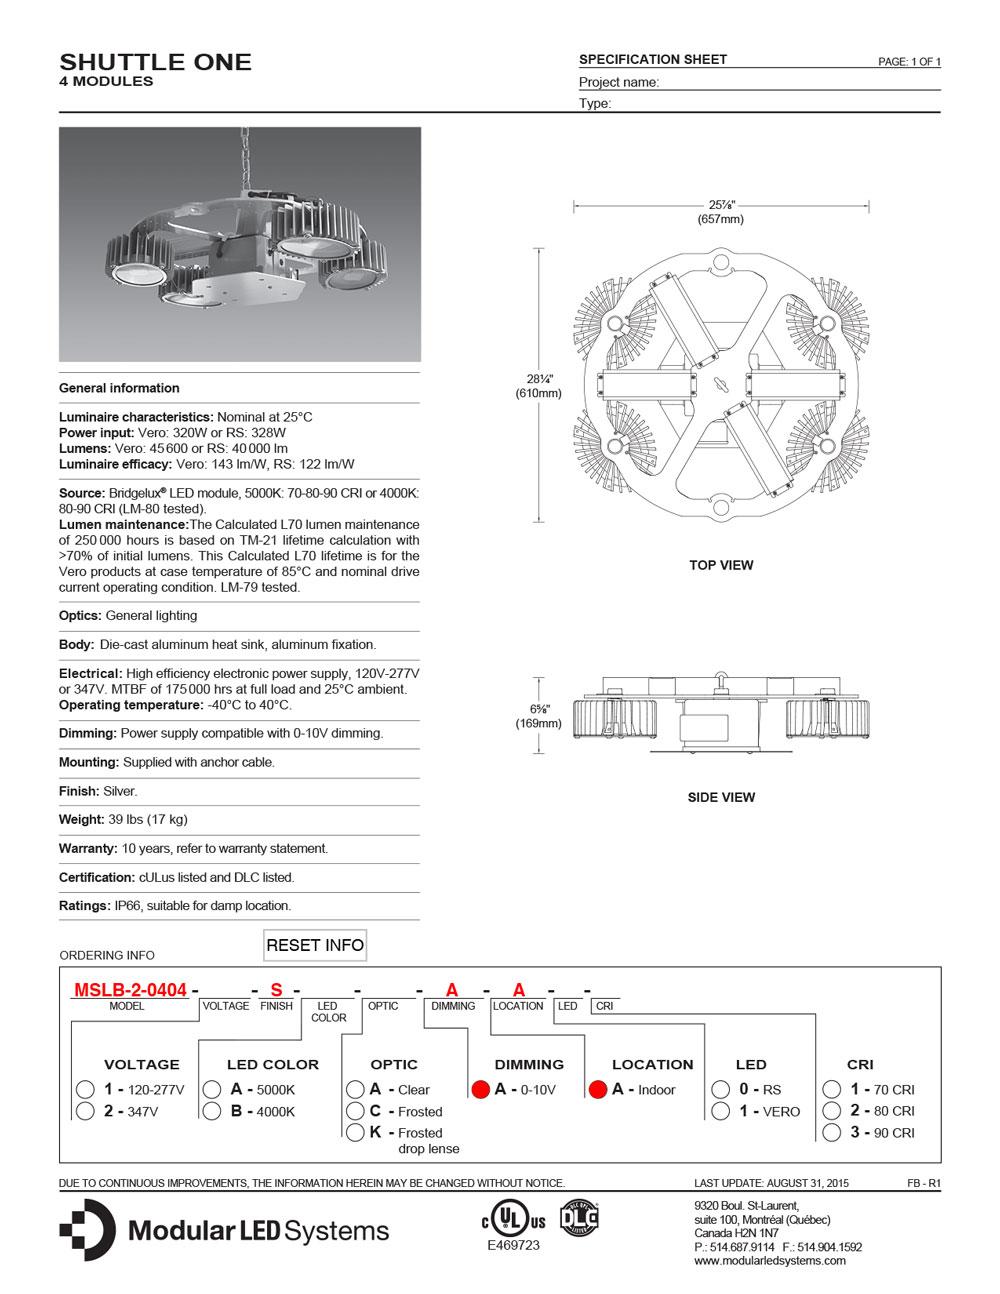 shuttle-one-4-modules_specsheet